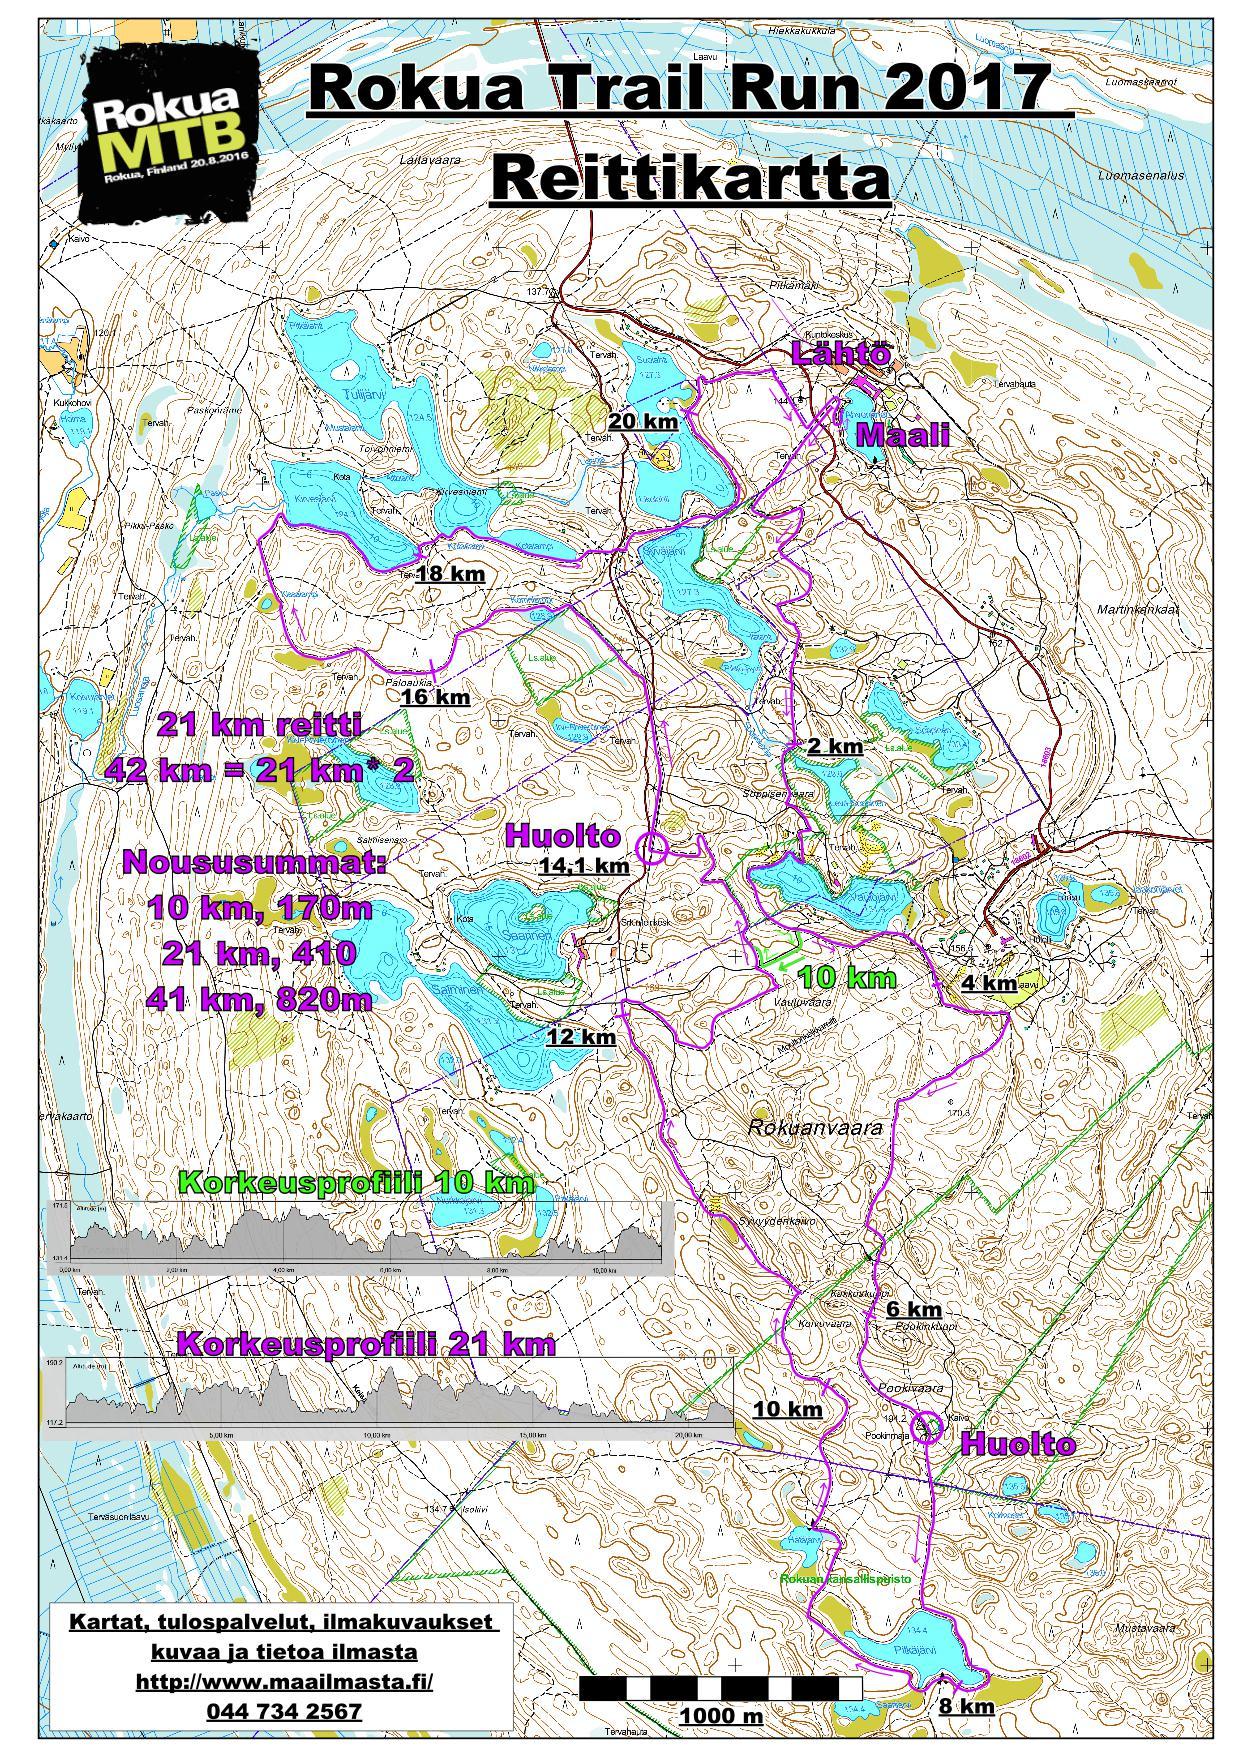 Rokua Trail Run